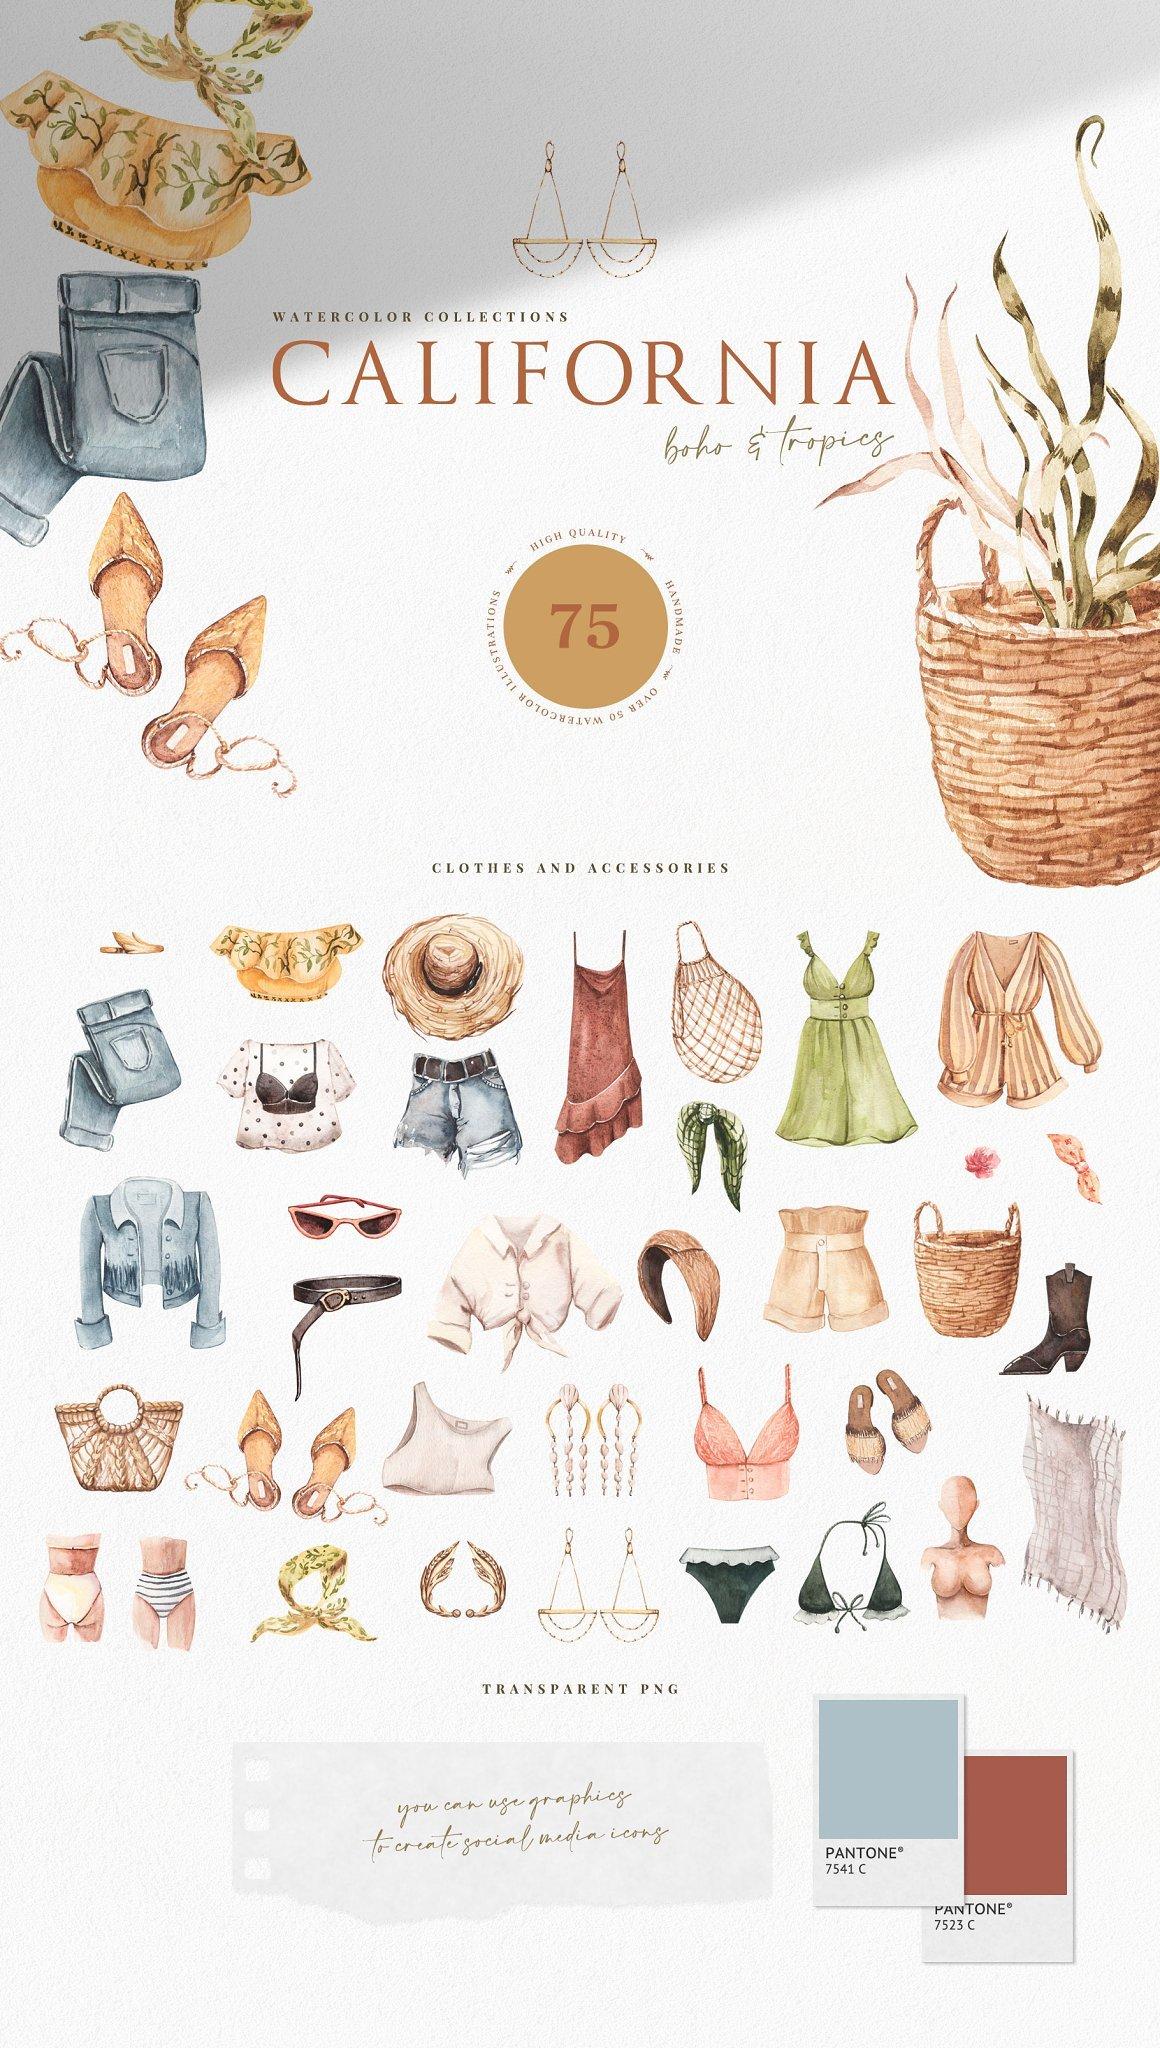 加利福尼亚风女性夏装裙子礼服手绘水彩画PNG透明图片素材 California. Boho Outfit  More插图